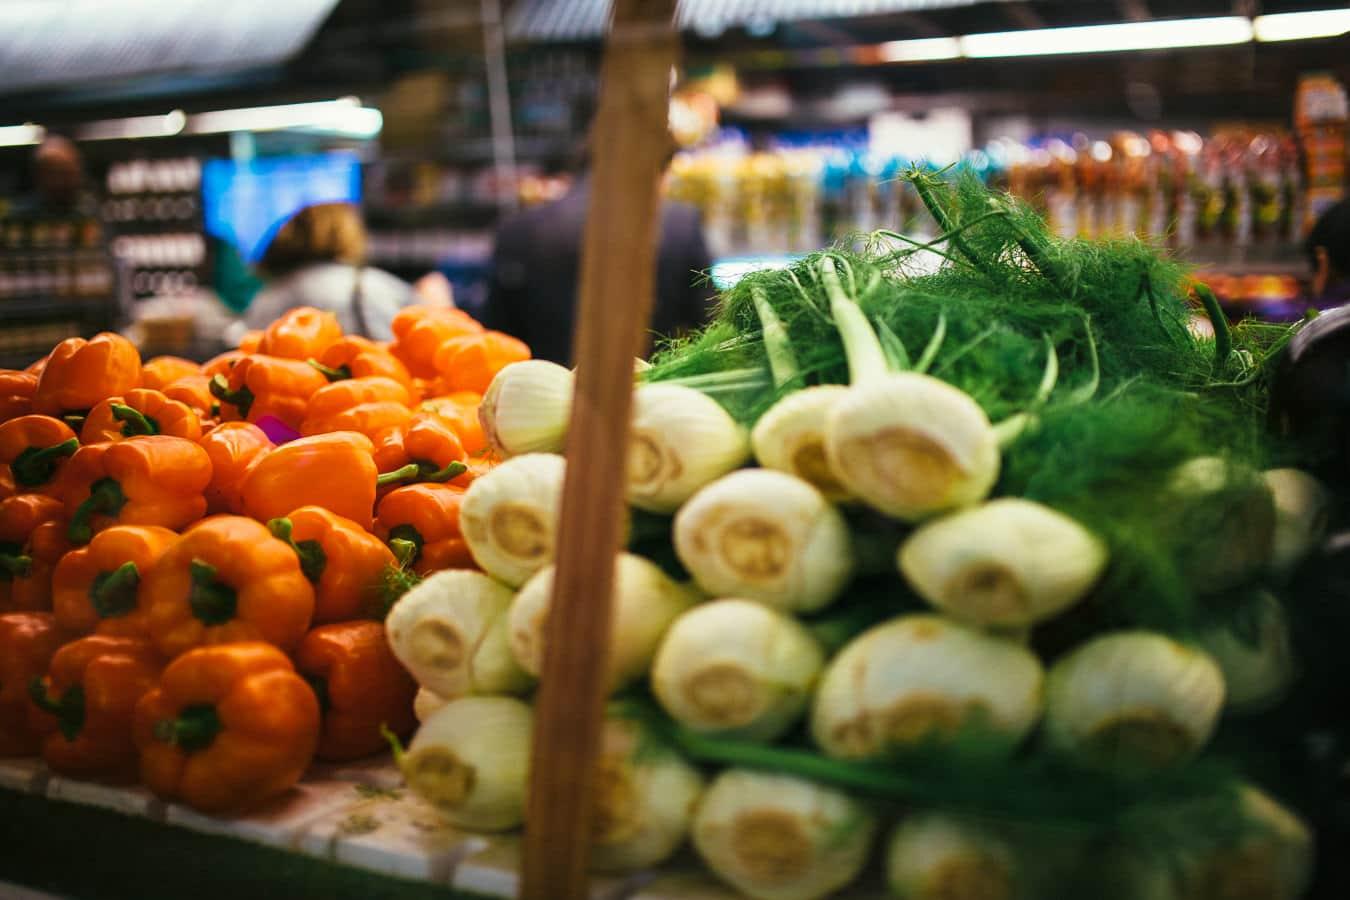 Vegetables at Chelsea Market